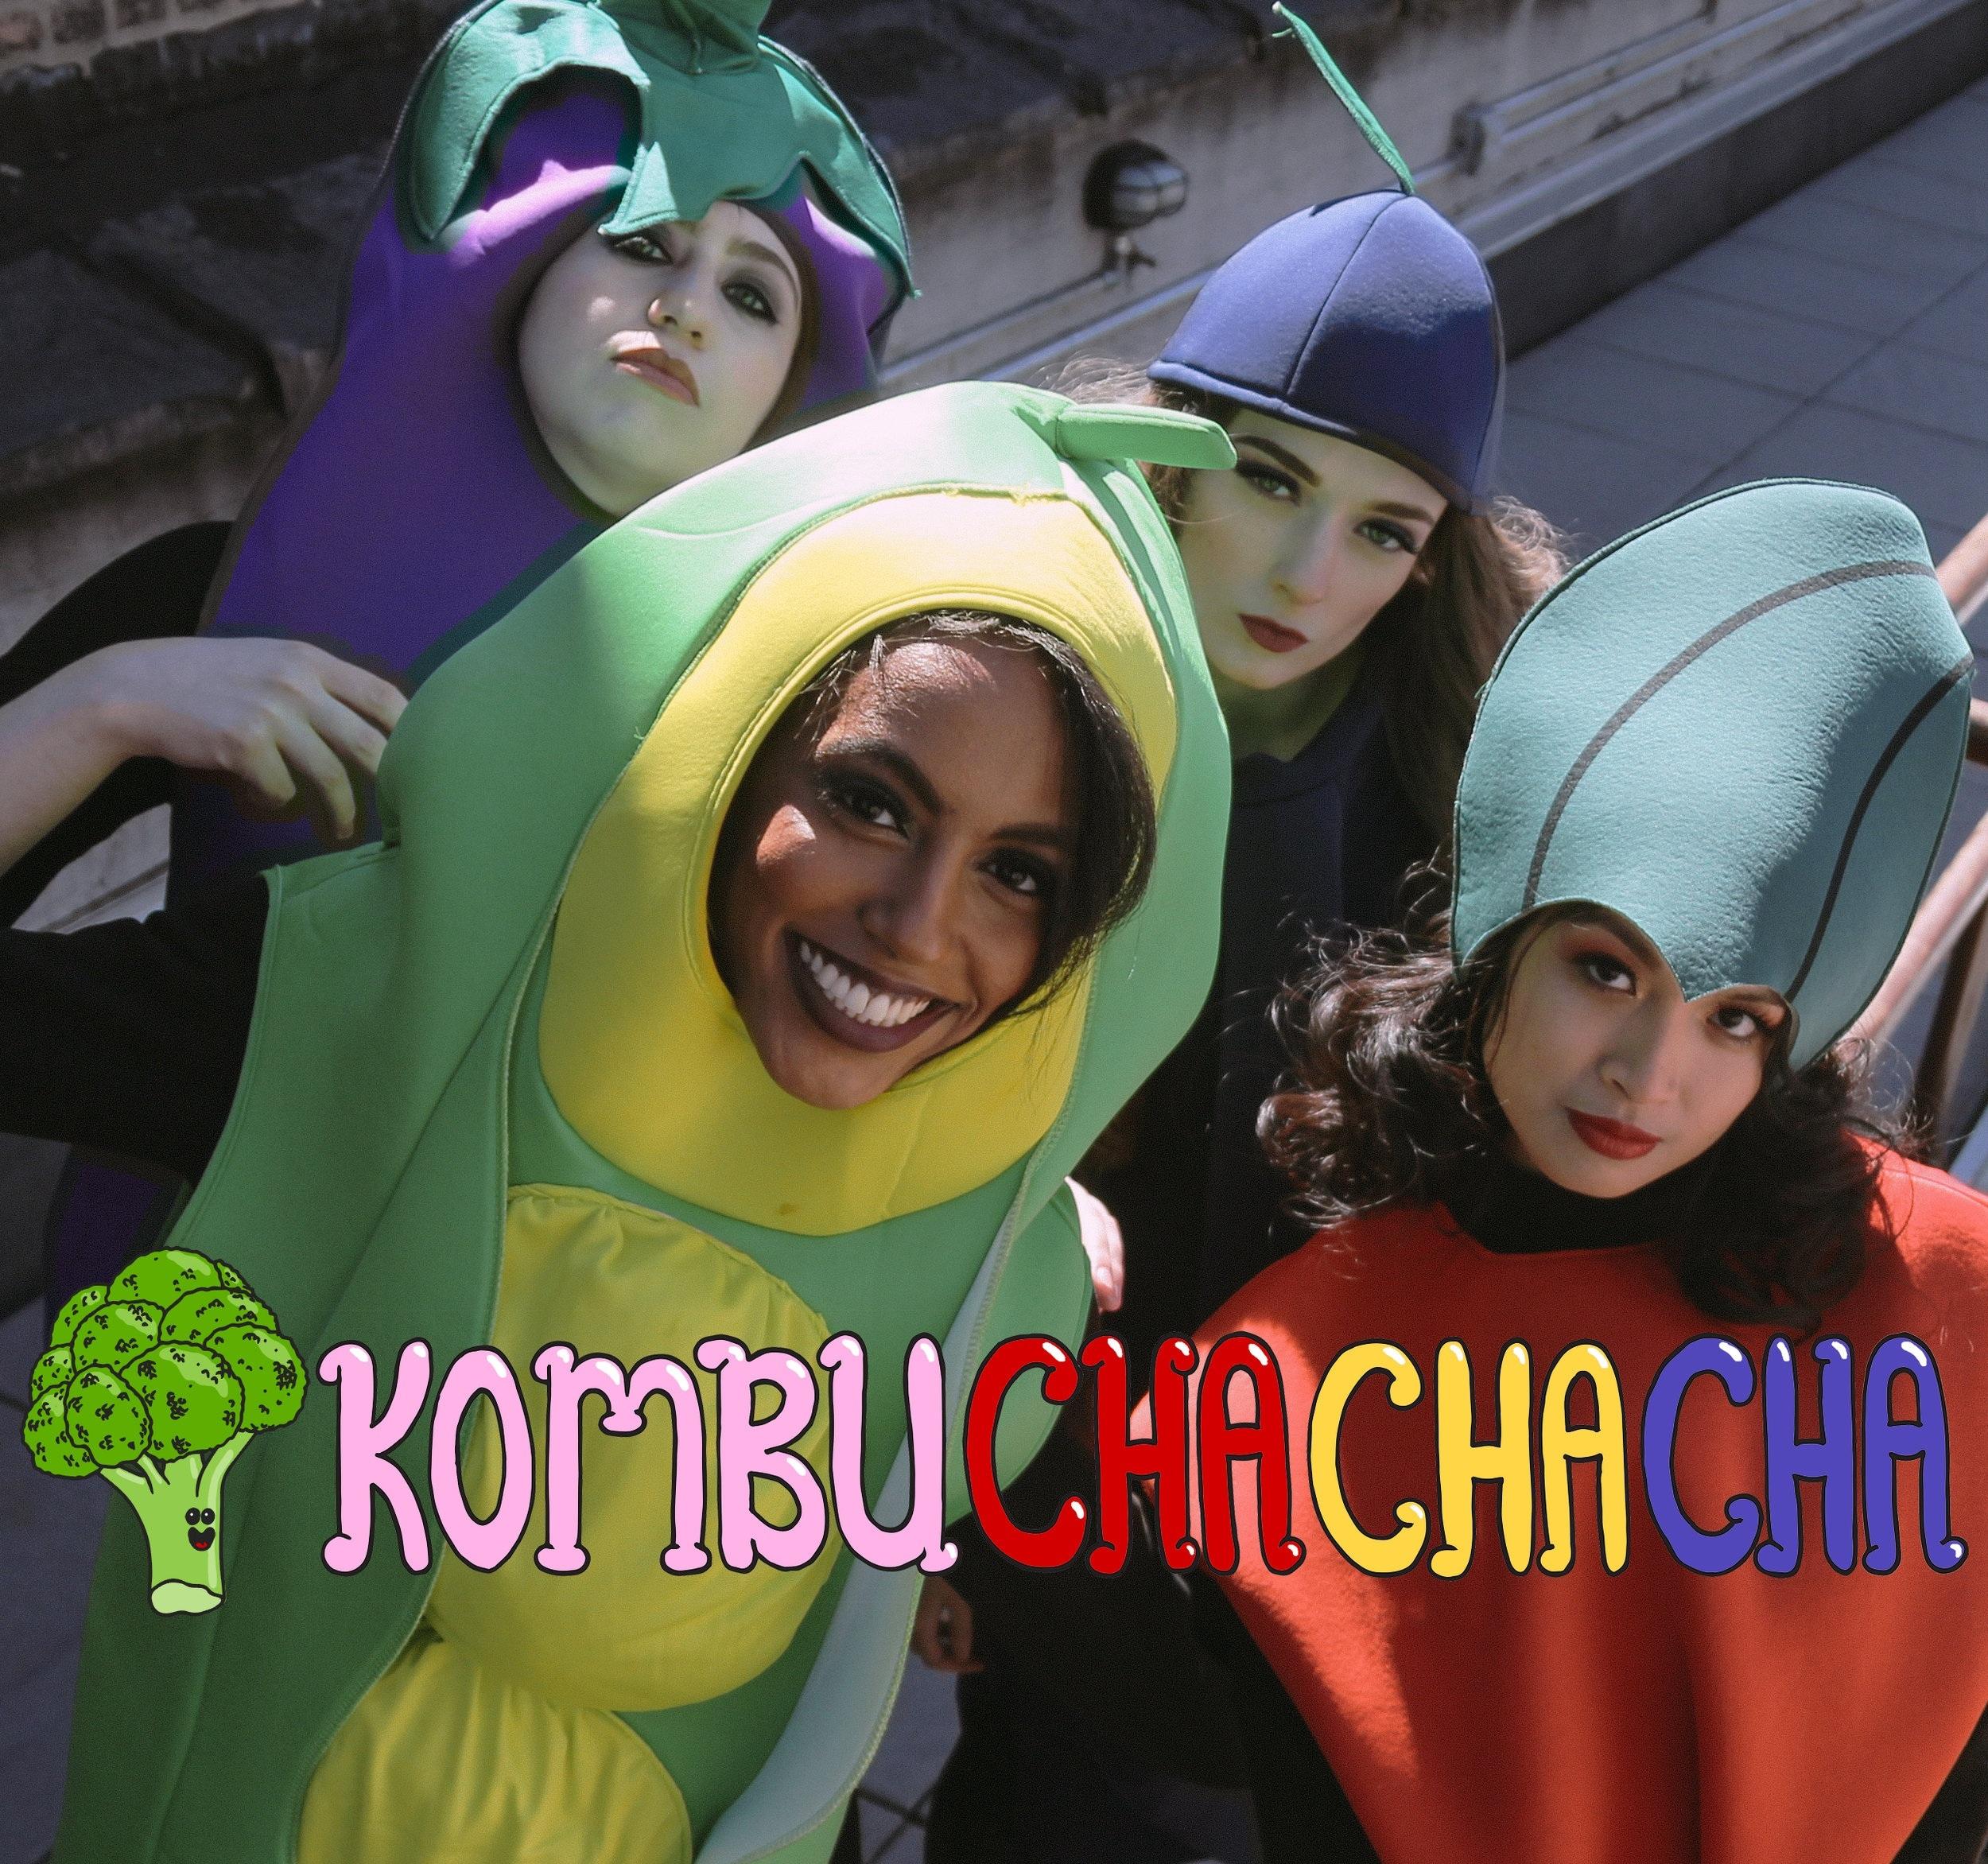 KOMBUCHACHACHA_POSTER.jpg